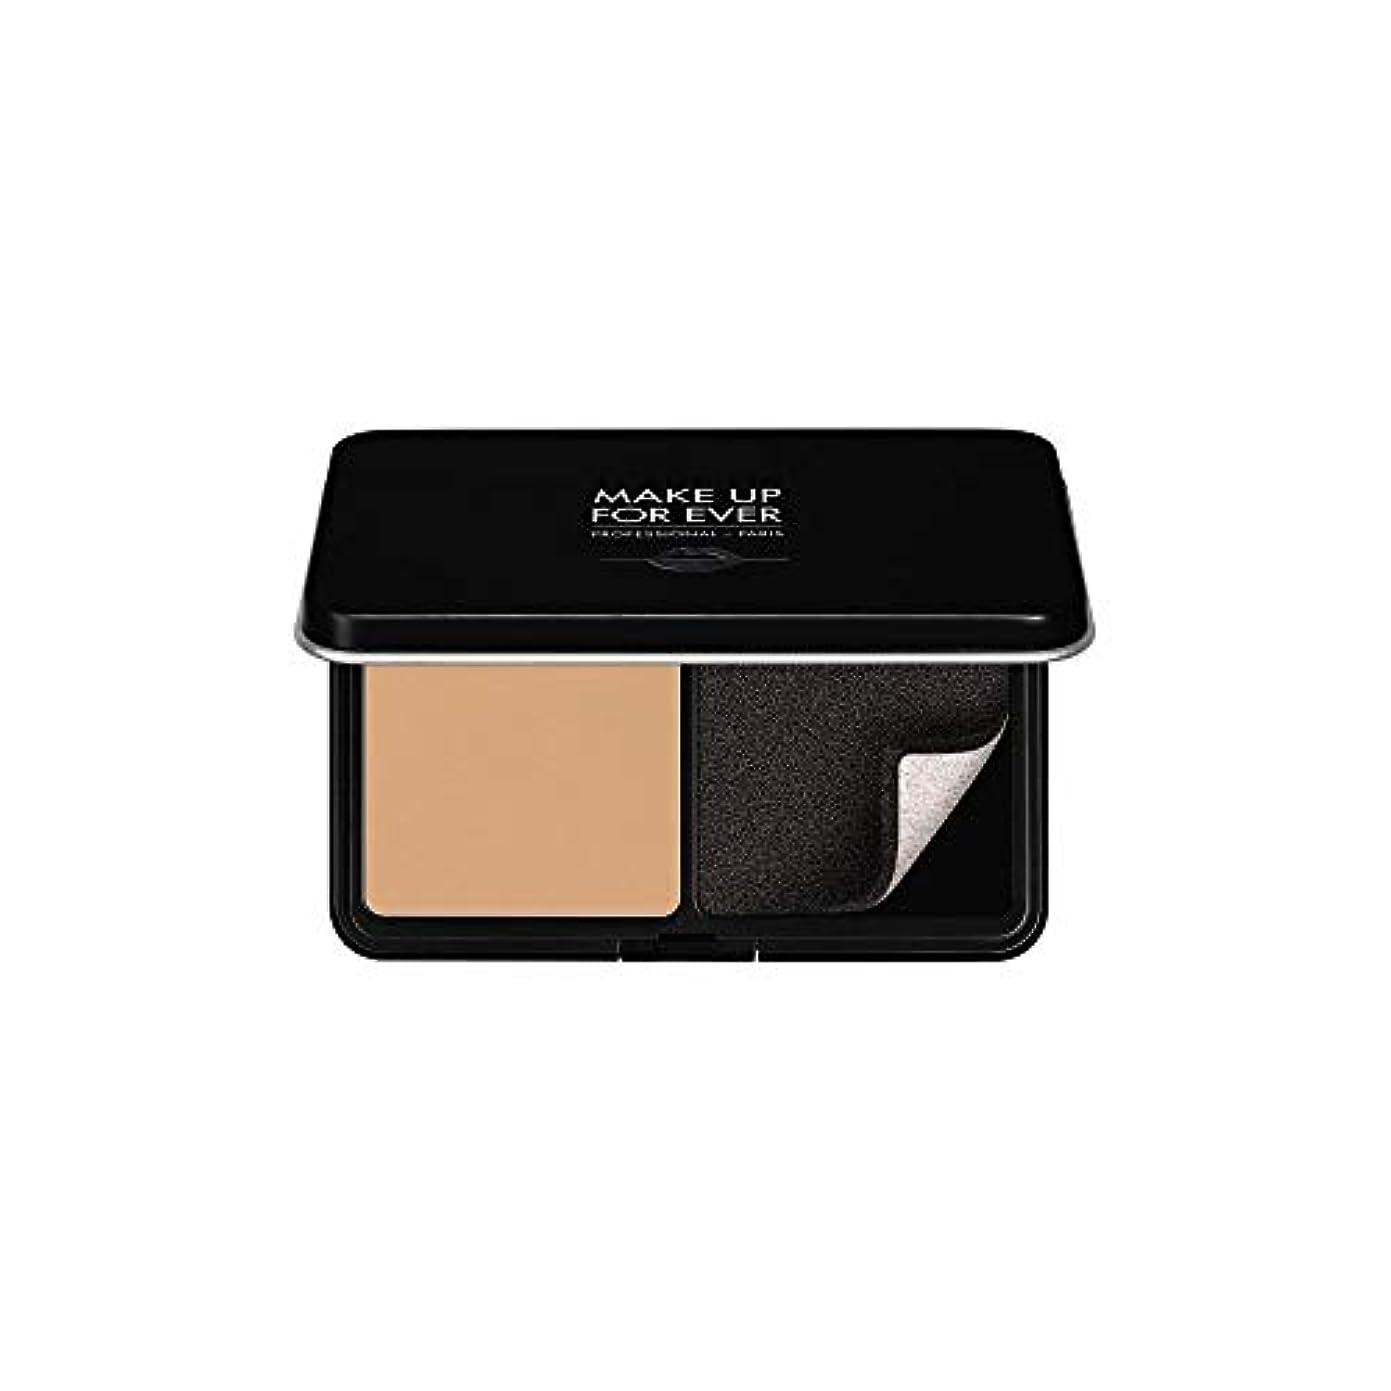 アミューズ海嶺終わらせるメイクアップフォーエバー Matte Velvet Skin Blurring Powder Foundation - # Y355 (Neutral Beige) 11g/0.38oz並行輸入品